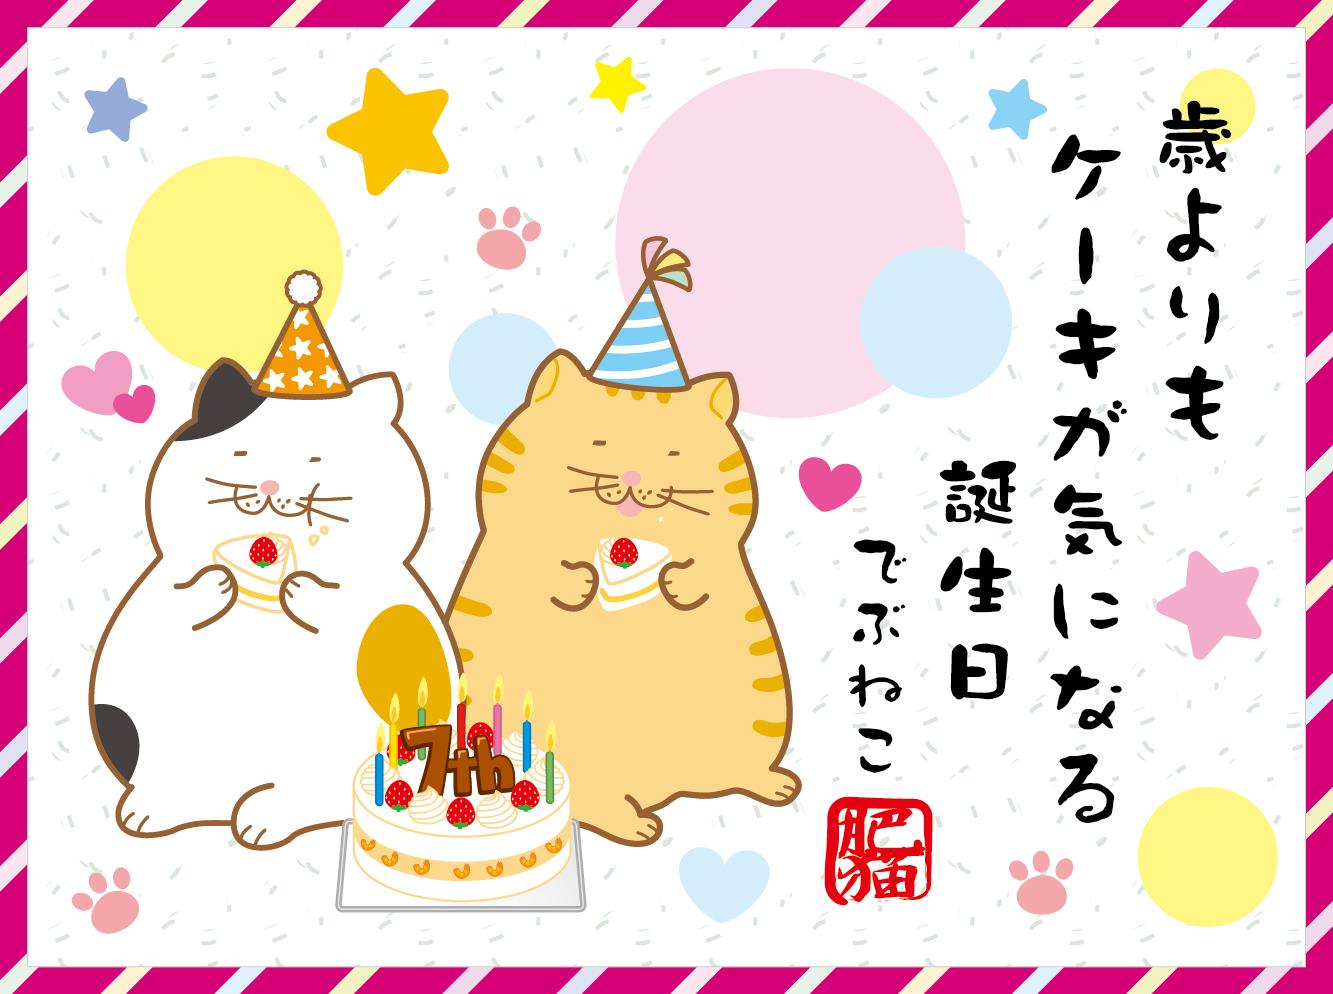 歳よりも ケーキが気になる 誕生日